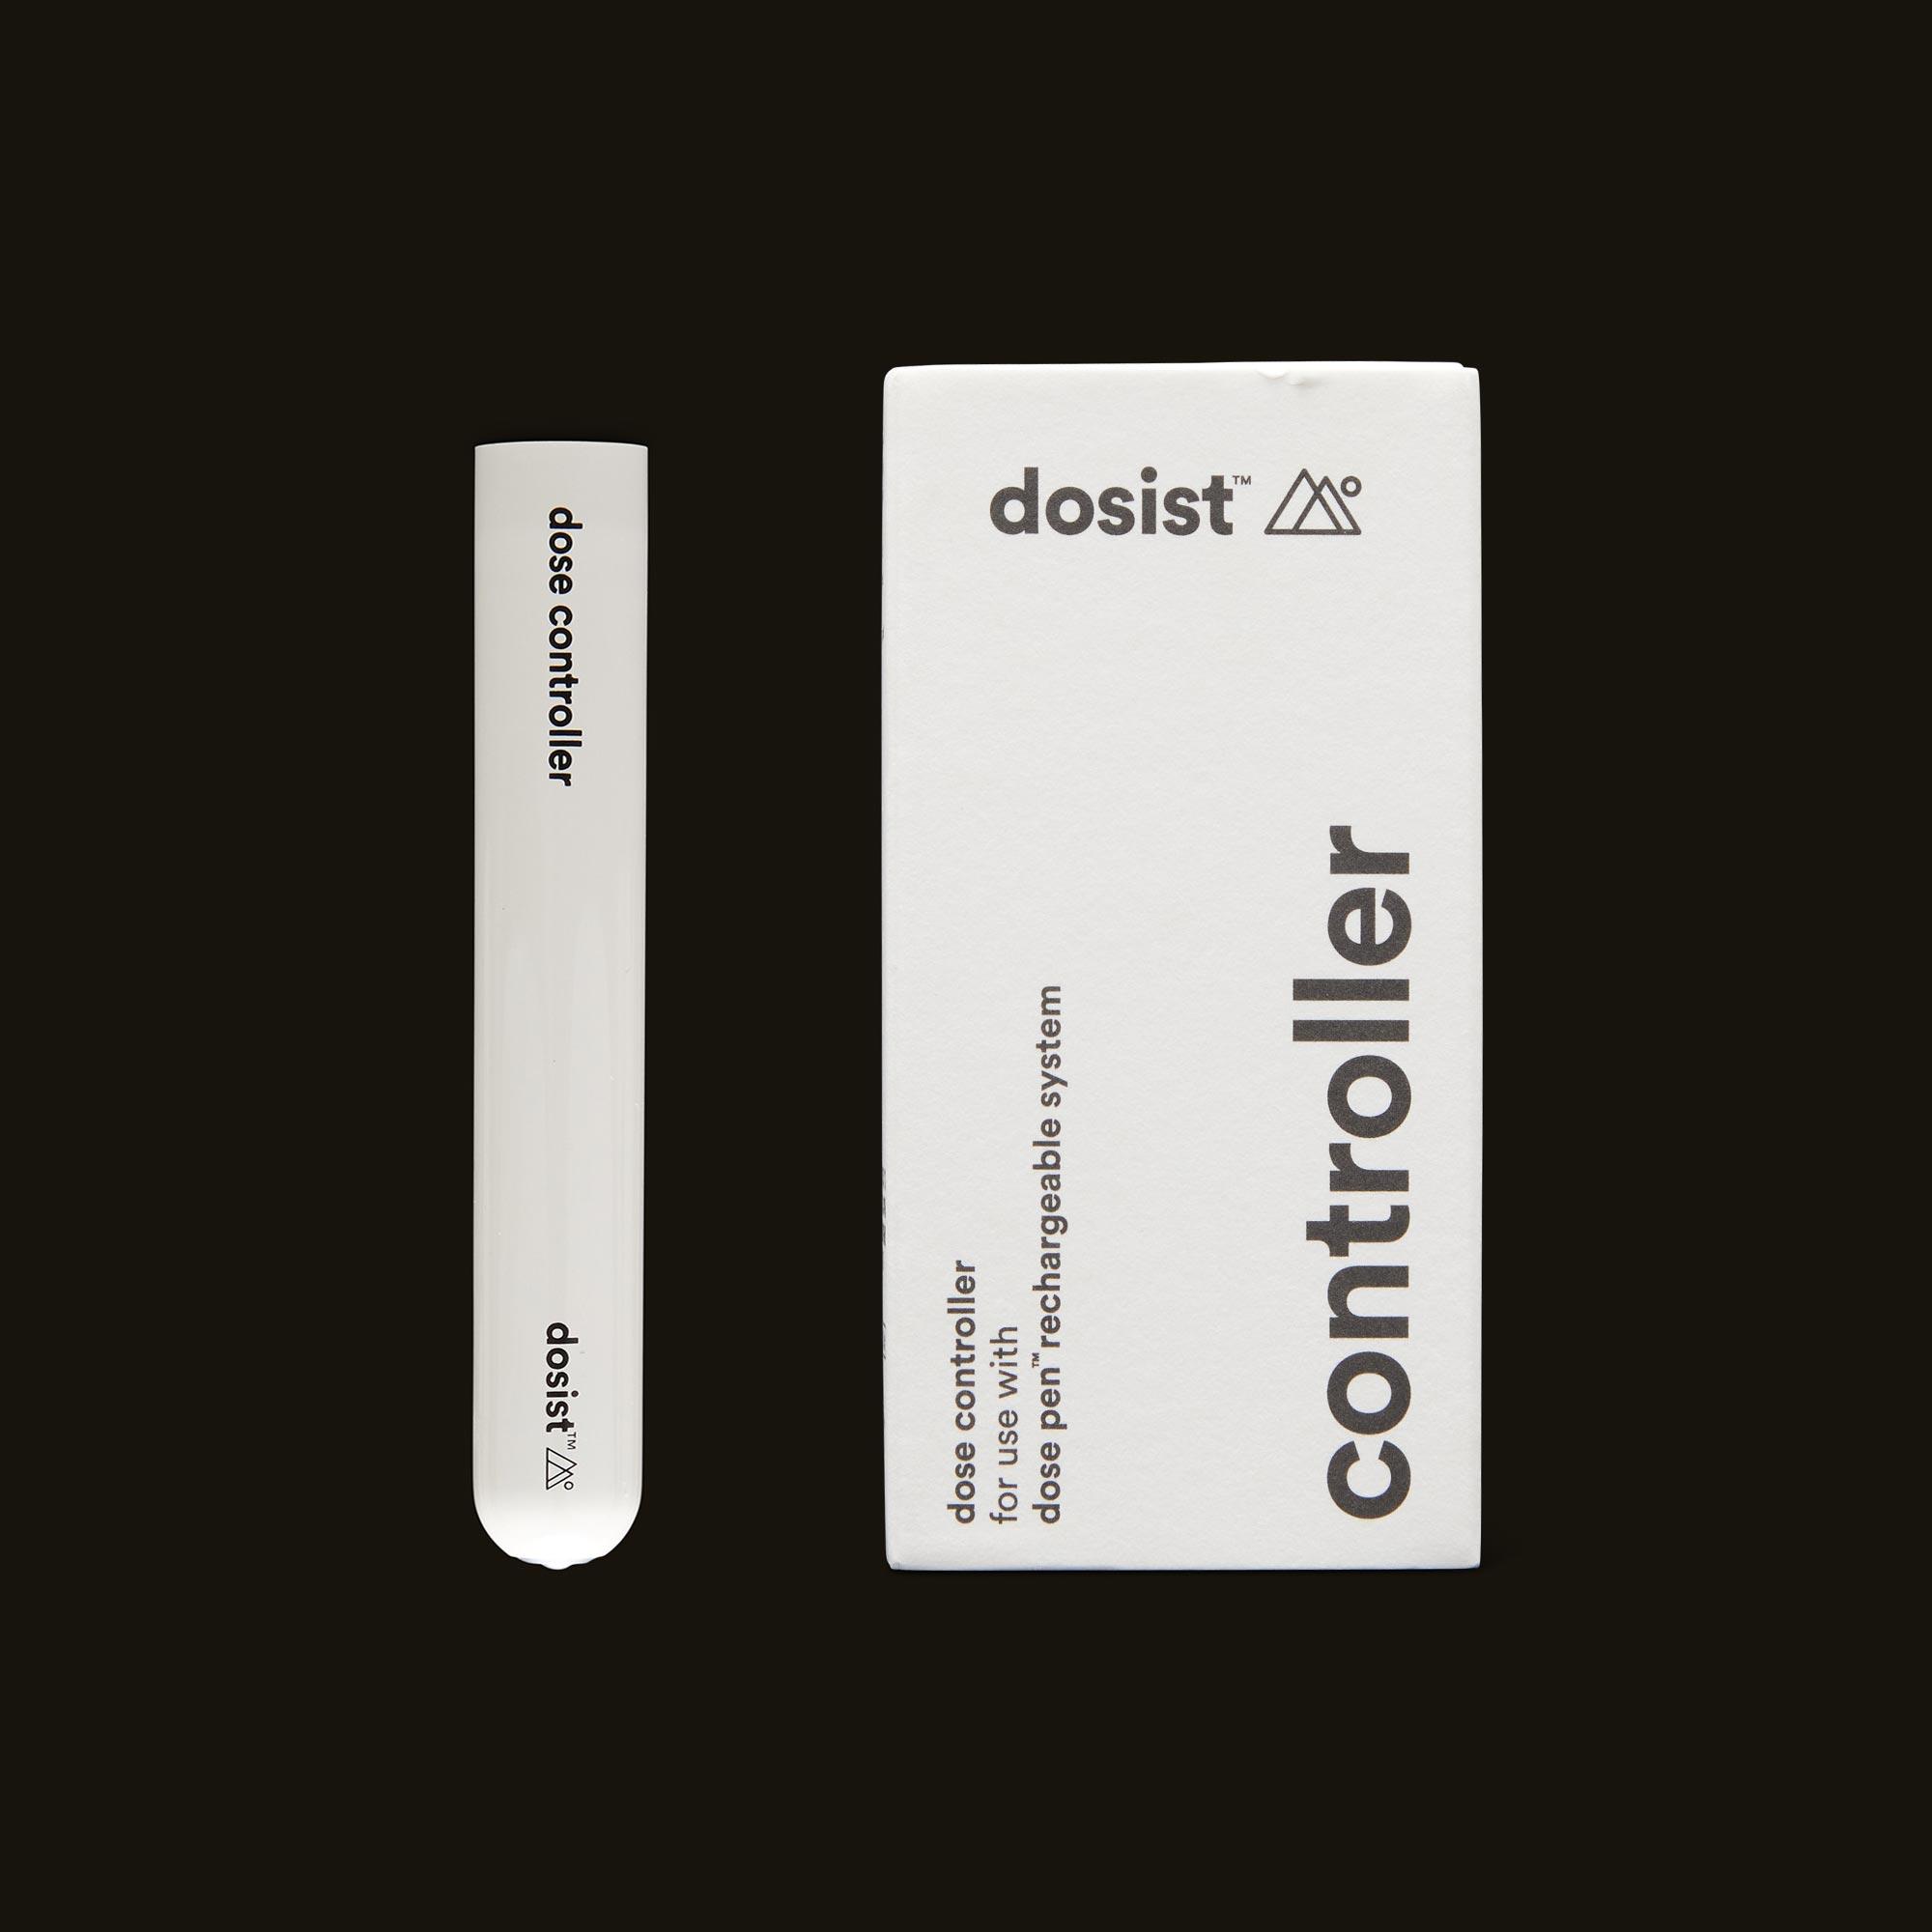 dosist dose controller